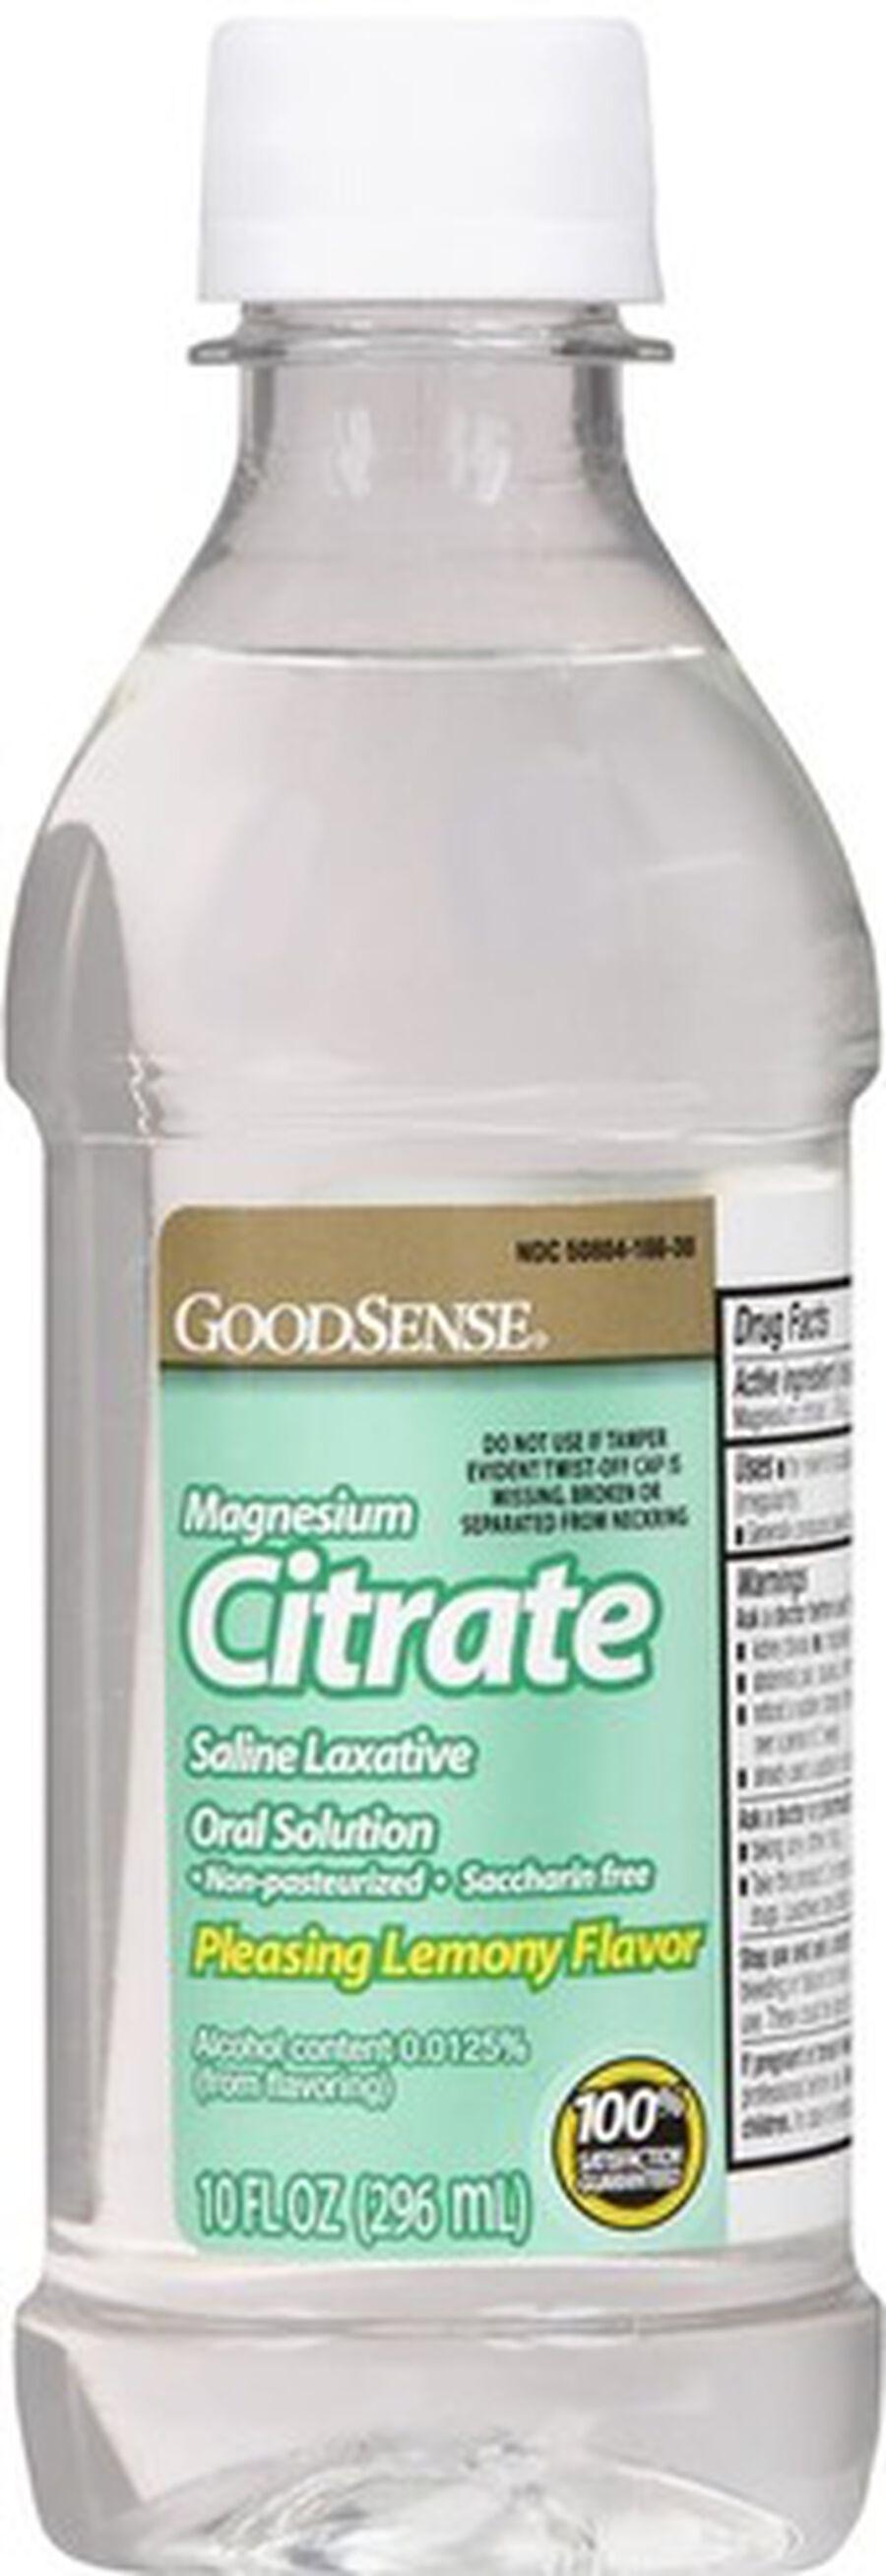 GoodSense® Cirtrate Magneisum Dye- Free Lemon, 10 oz, , large image number 0